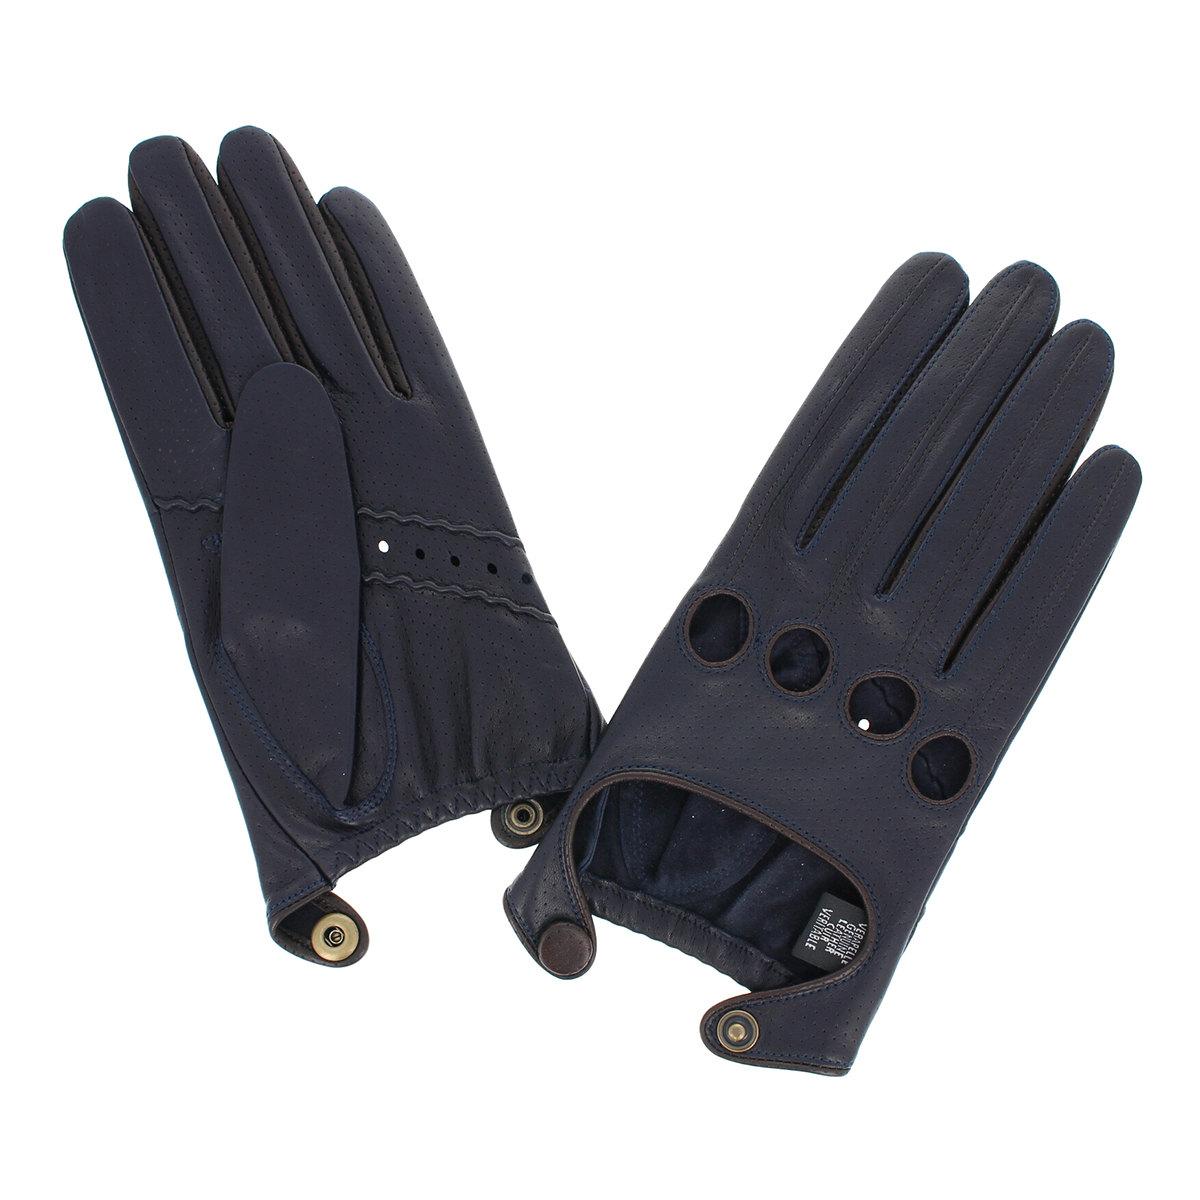 メンズ ドライビンググローブ ドライビング手袋 五本指 アルタクラッセ 男性用 運転 レザー 羊革 限定 ファッション雑貨 裏地無 4サイズあり